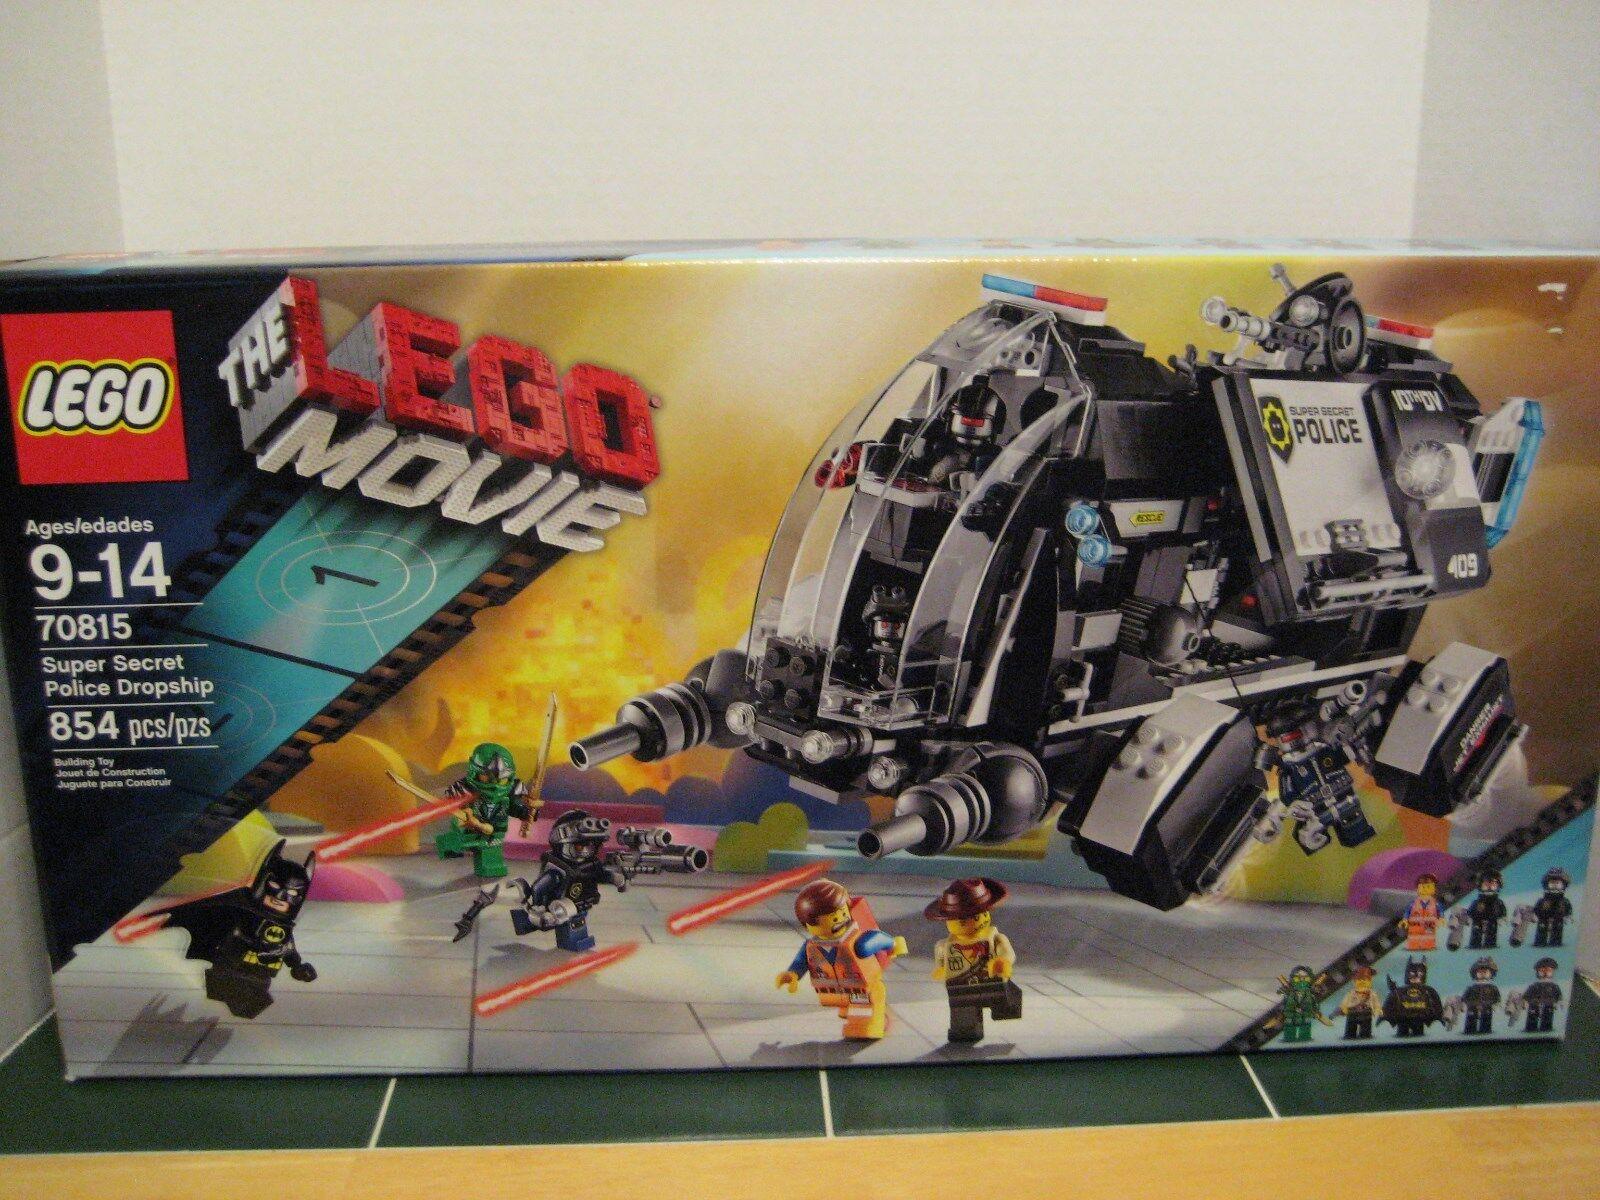 Lego  70815 The Lego Movie Super Secret Police Dropship Set